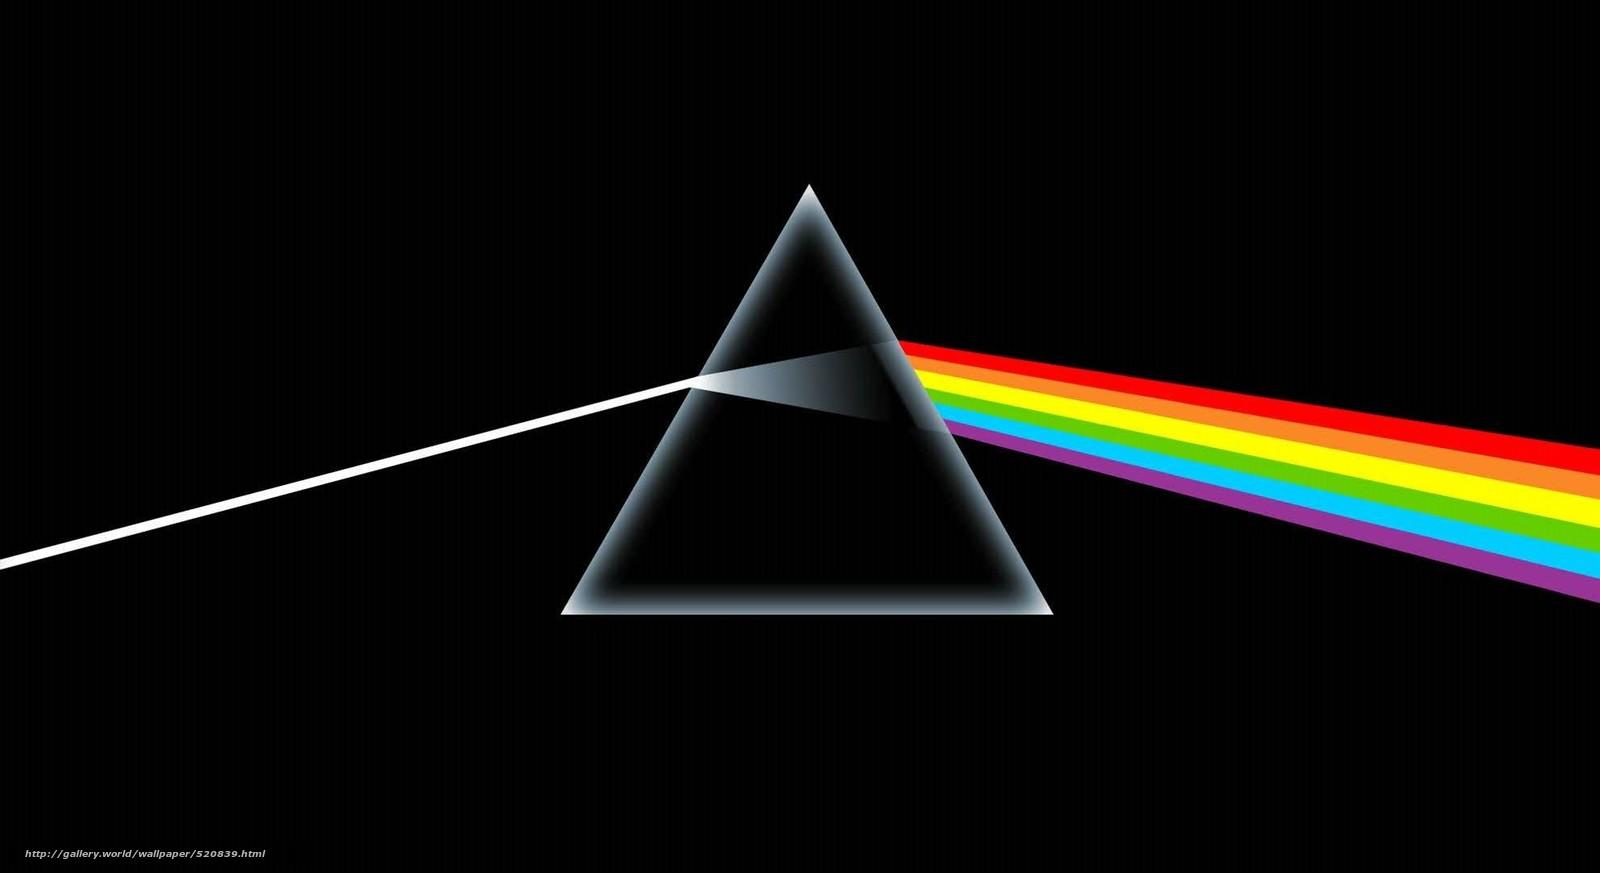 Скачать обои призма,  черное,  радуга бесплатно для рабочего стола в разрешении 1980x1080 — картинка №520839